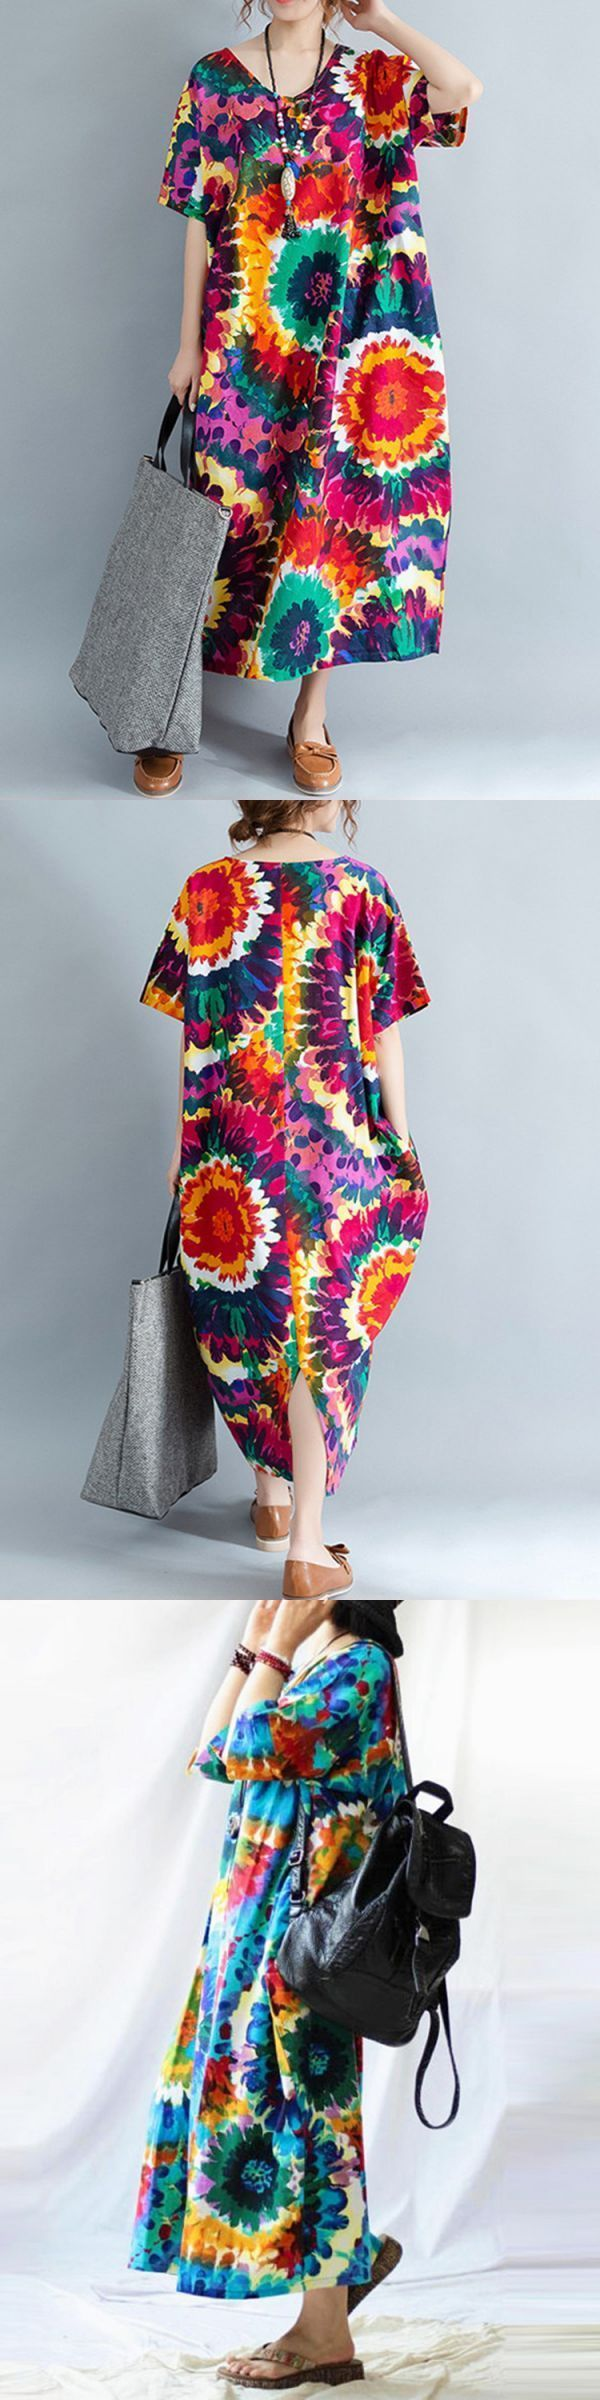 Floral printed loose v-neck short sleeve women dress floral dresses for sale #floral #dress #karen #millen #floral #dress #kate #middleton #floral #dresses #quotes #floral #vintage #dresses #uk